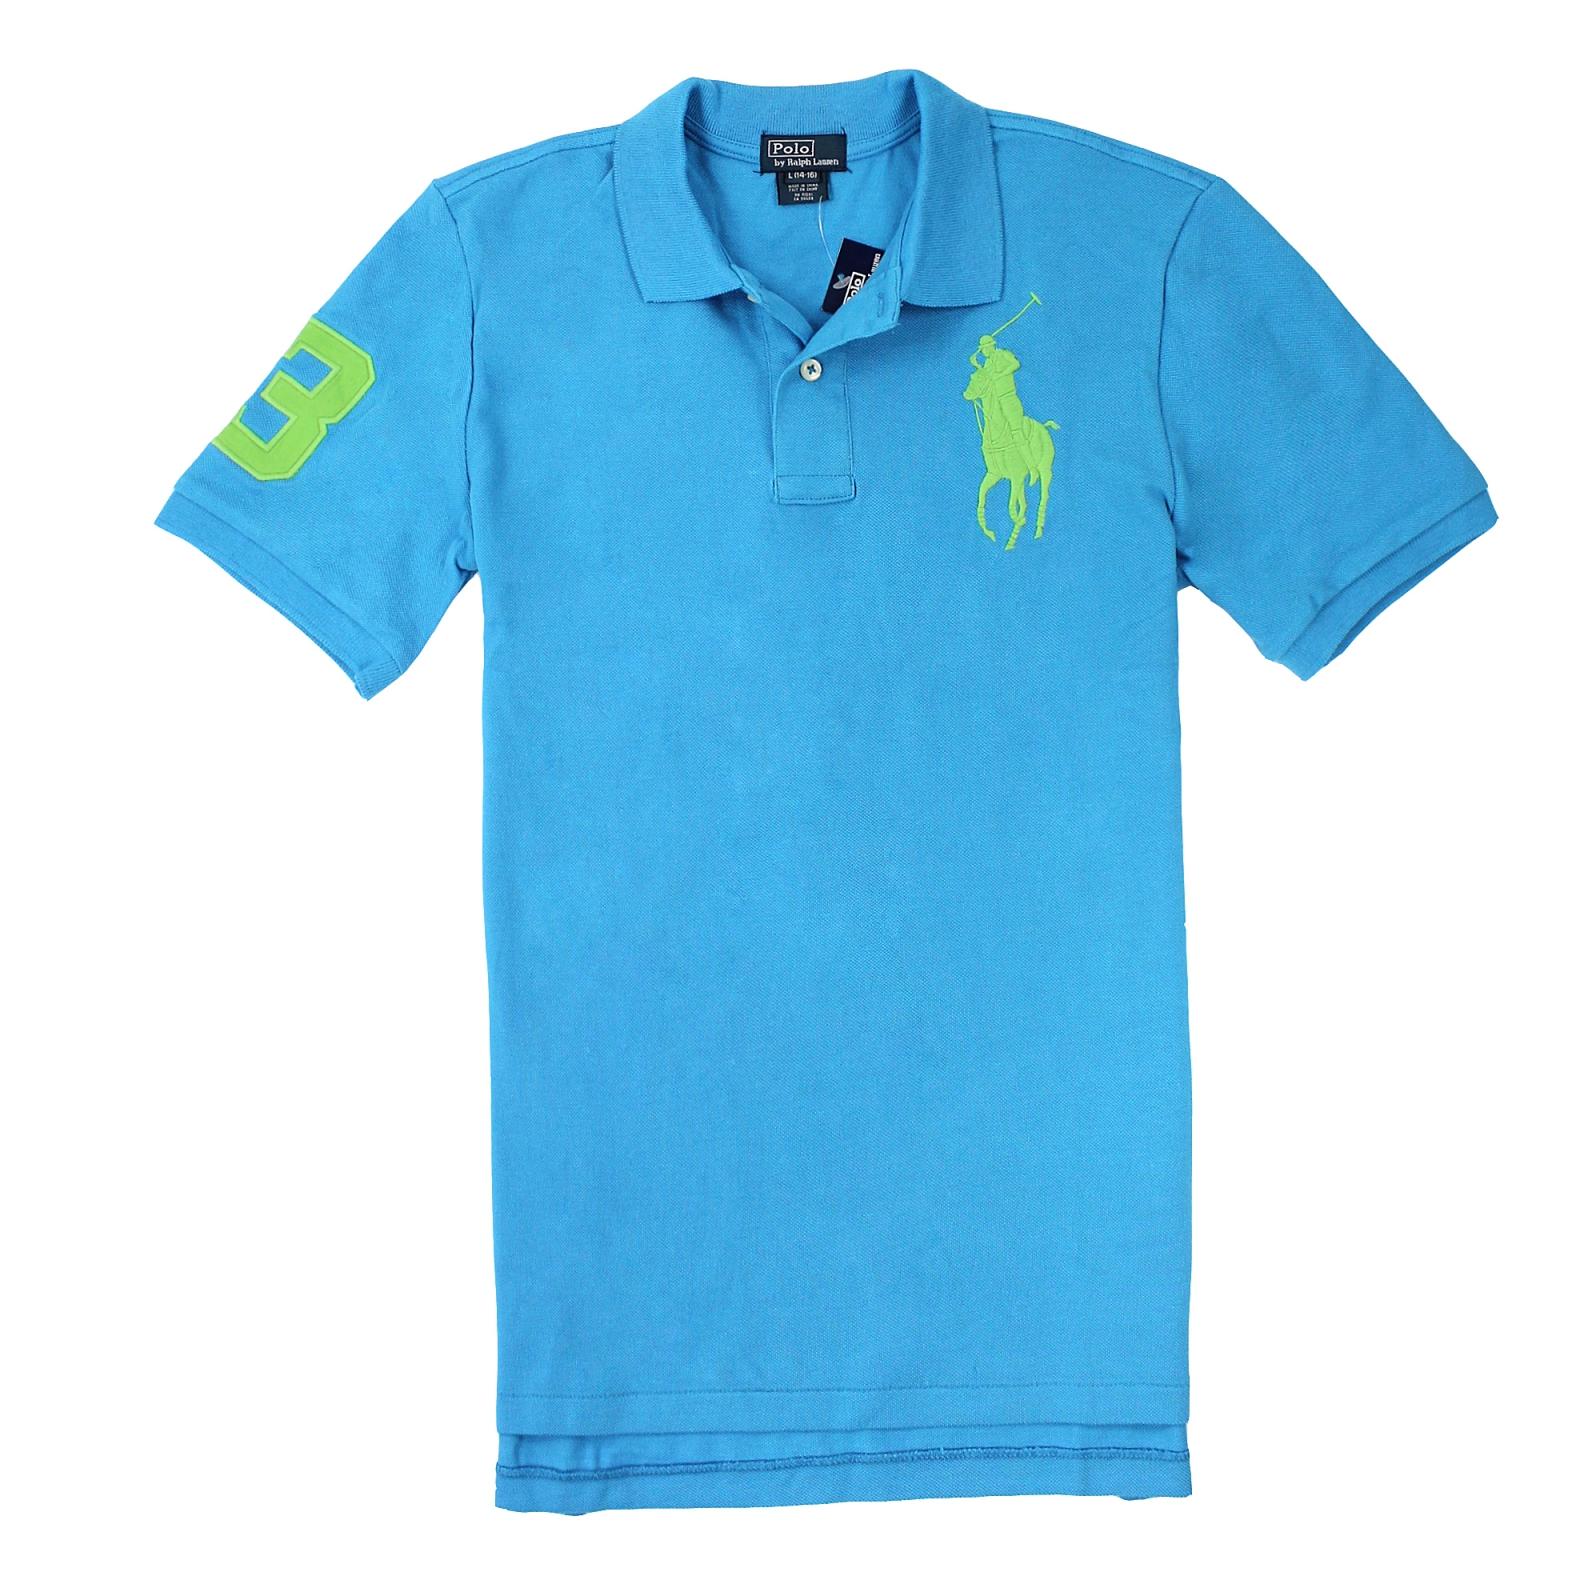 美國百分百【全新真品】Ralph Lauren Polo衫 RL 短袖 休閒 Polo 大馬 天藍 素面 網眼 男 XS S E065